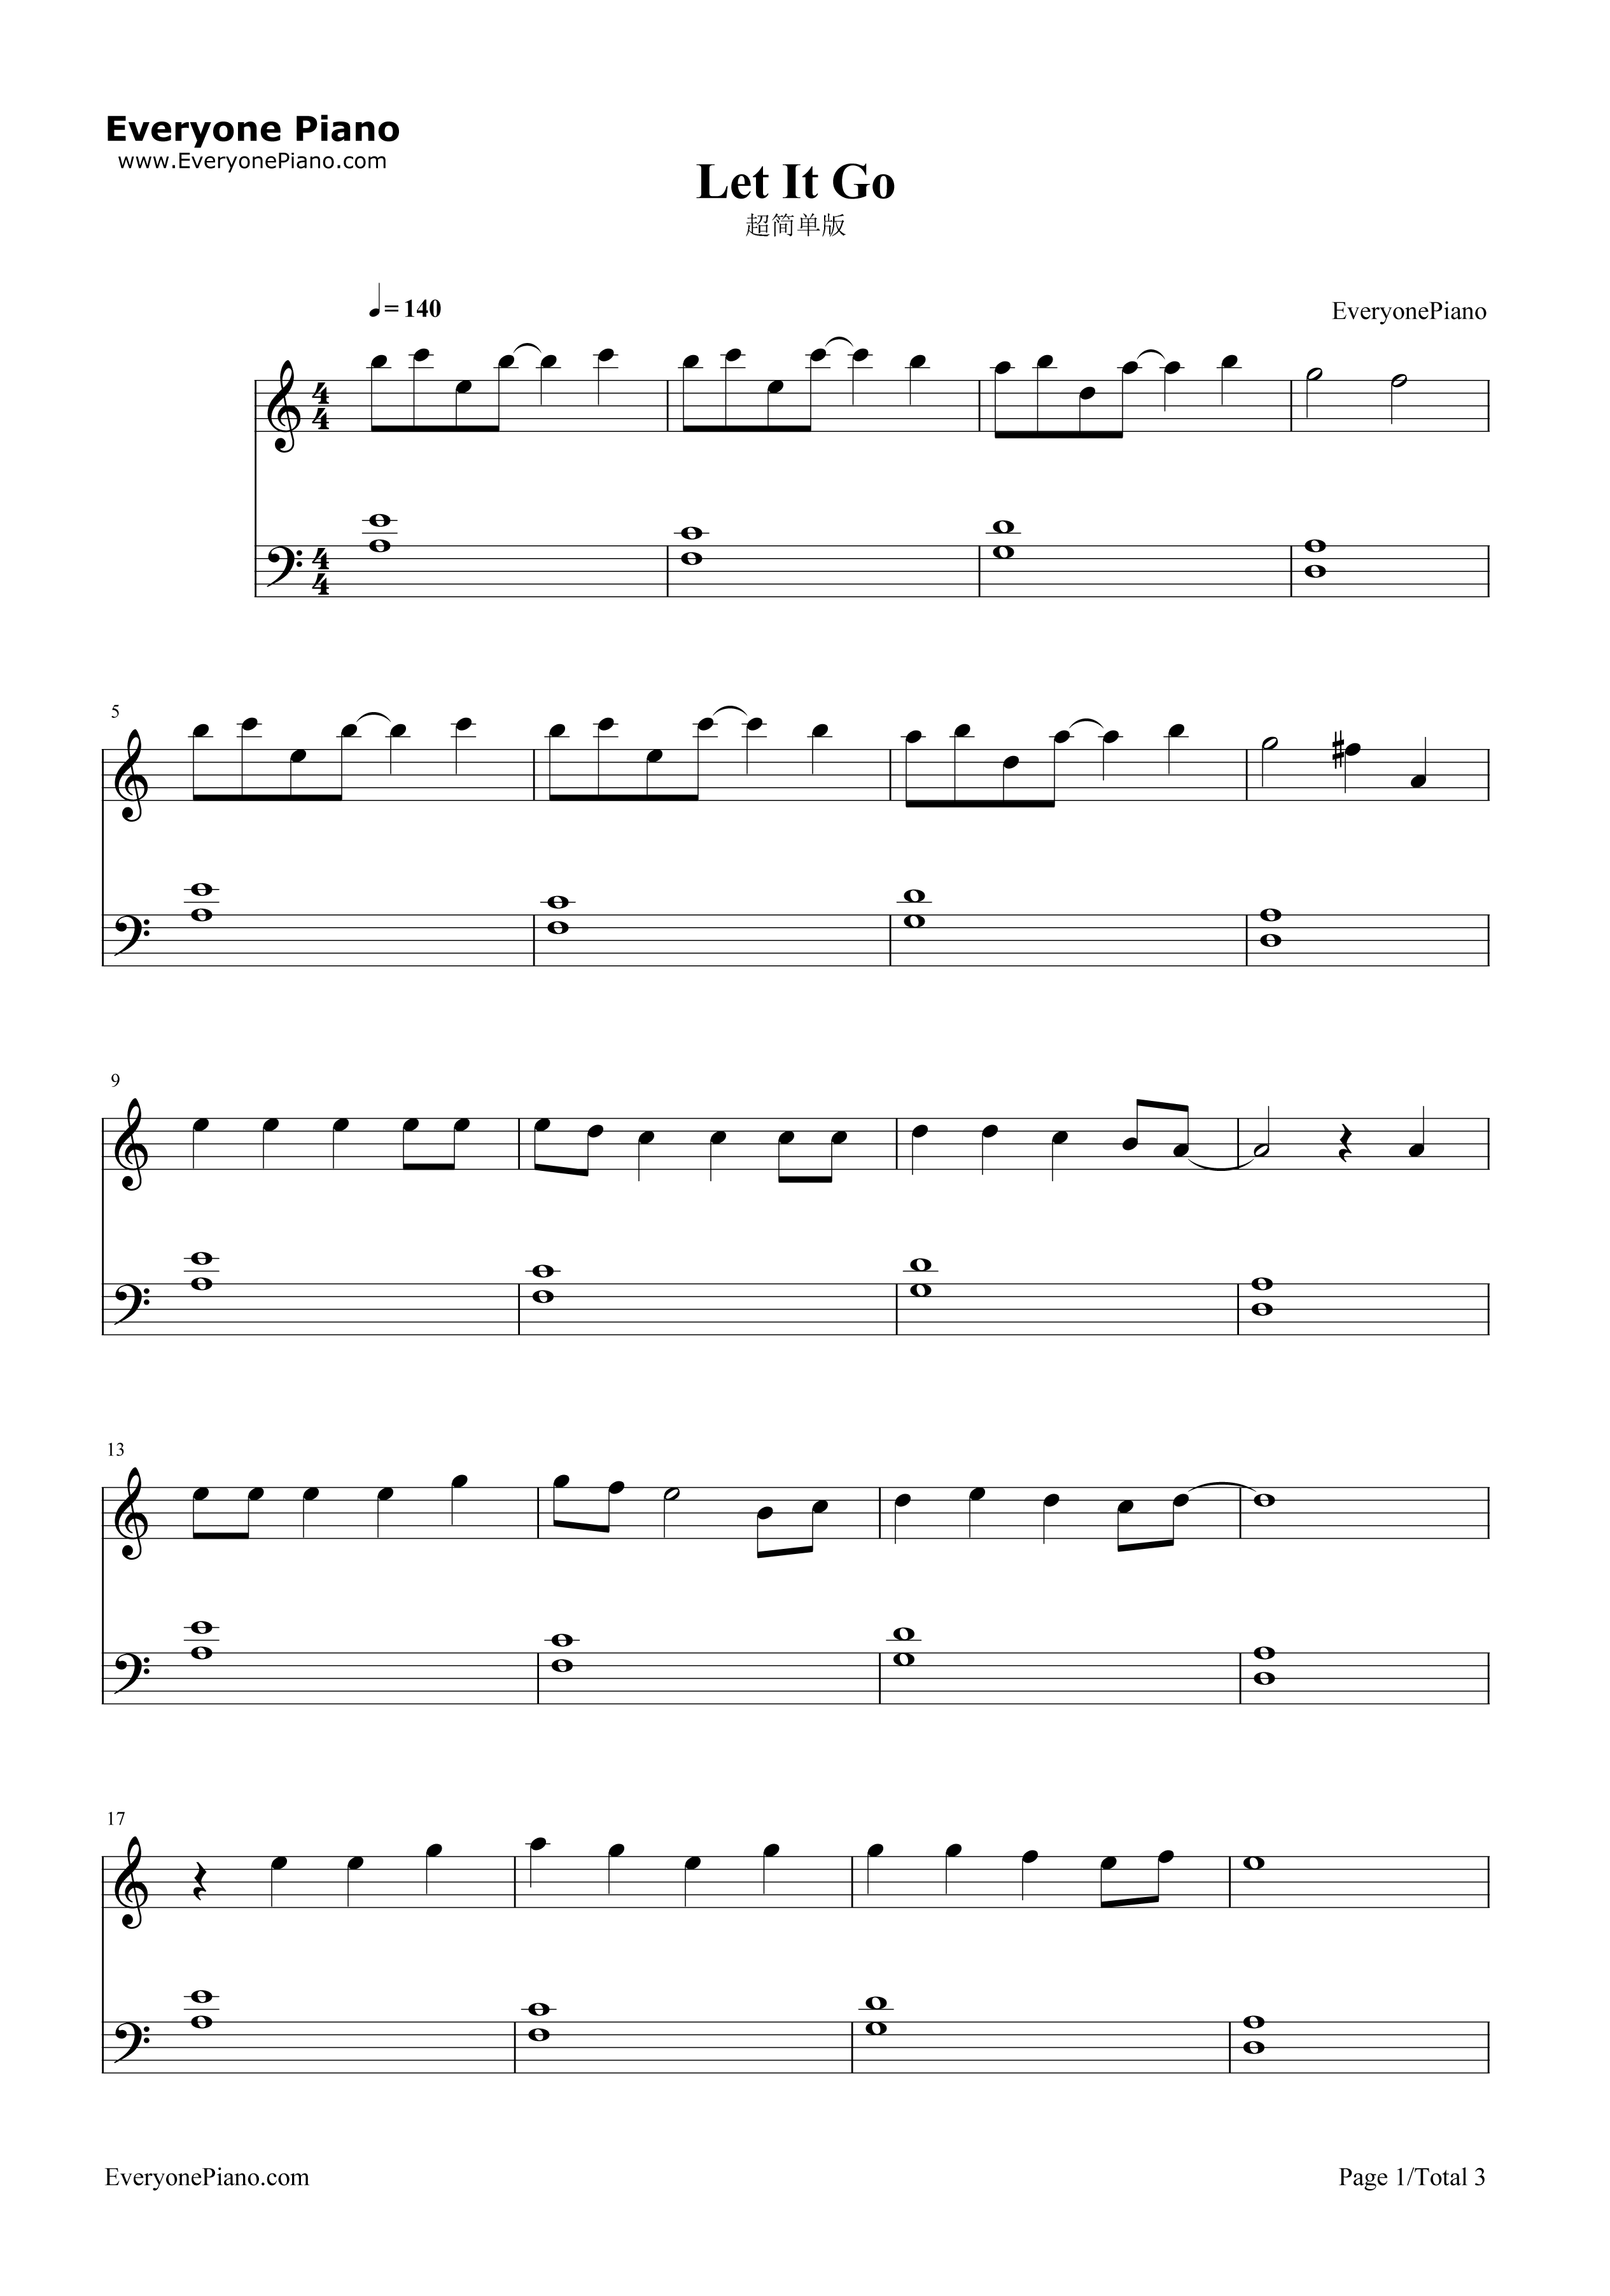 無料 ピアノ楽譜ダウンロード - we-love-classic.com